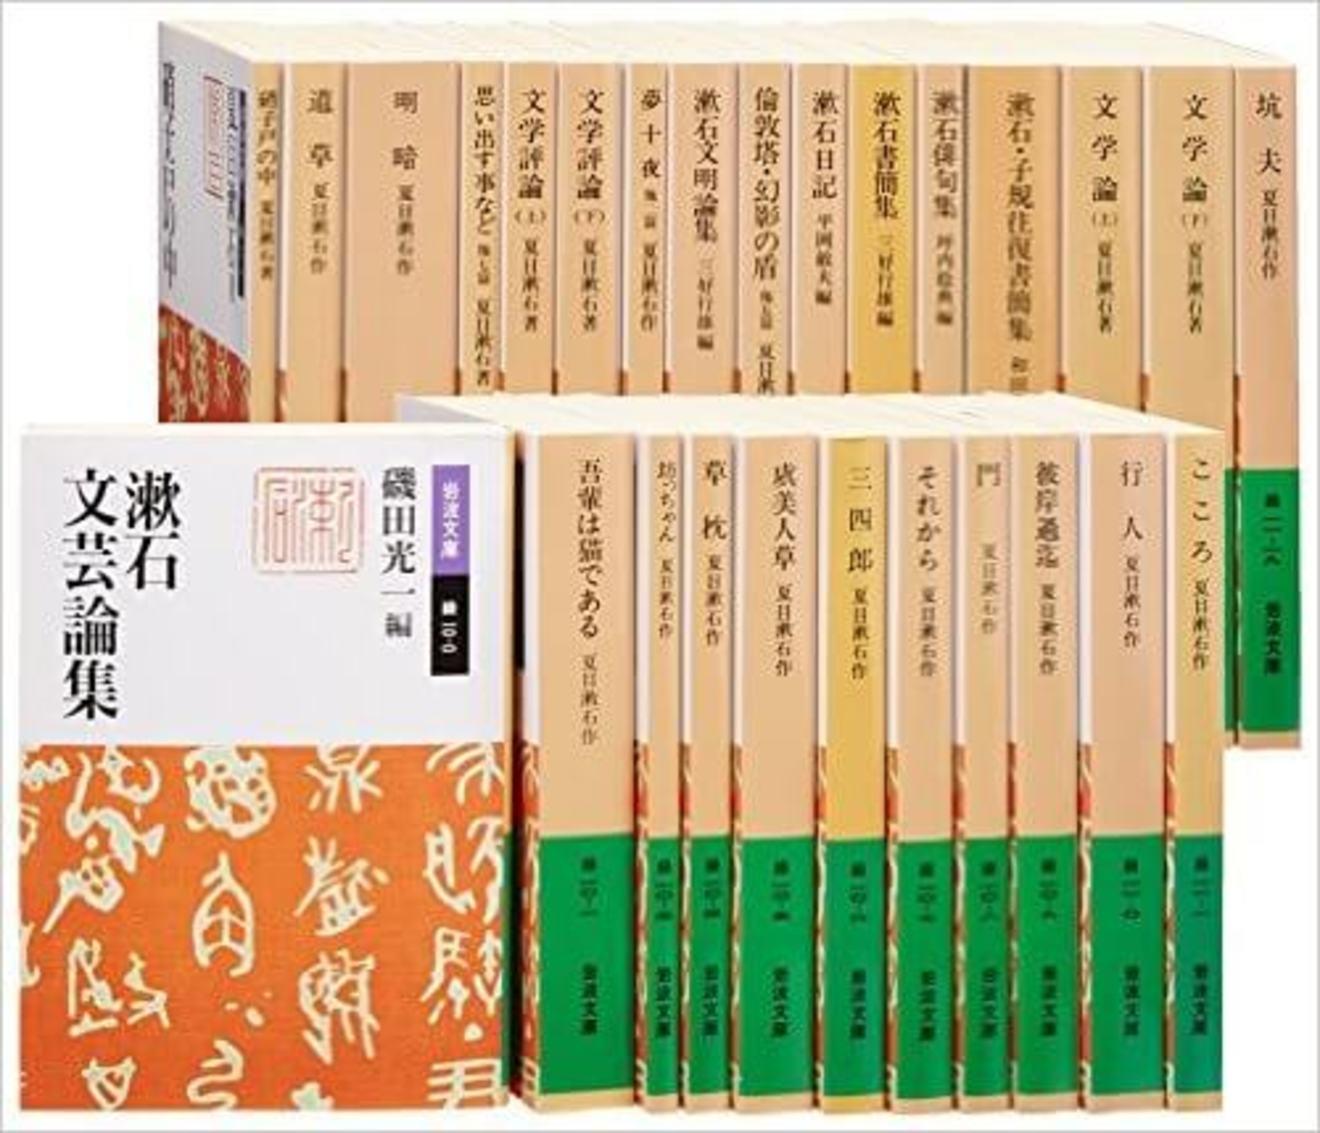 夏目漱石の代表作おすすめ11選!名作読み始めに遅すぎるなんてことはない